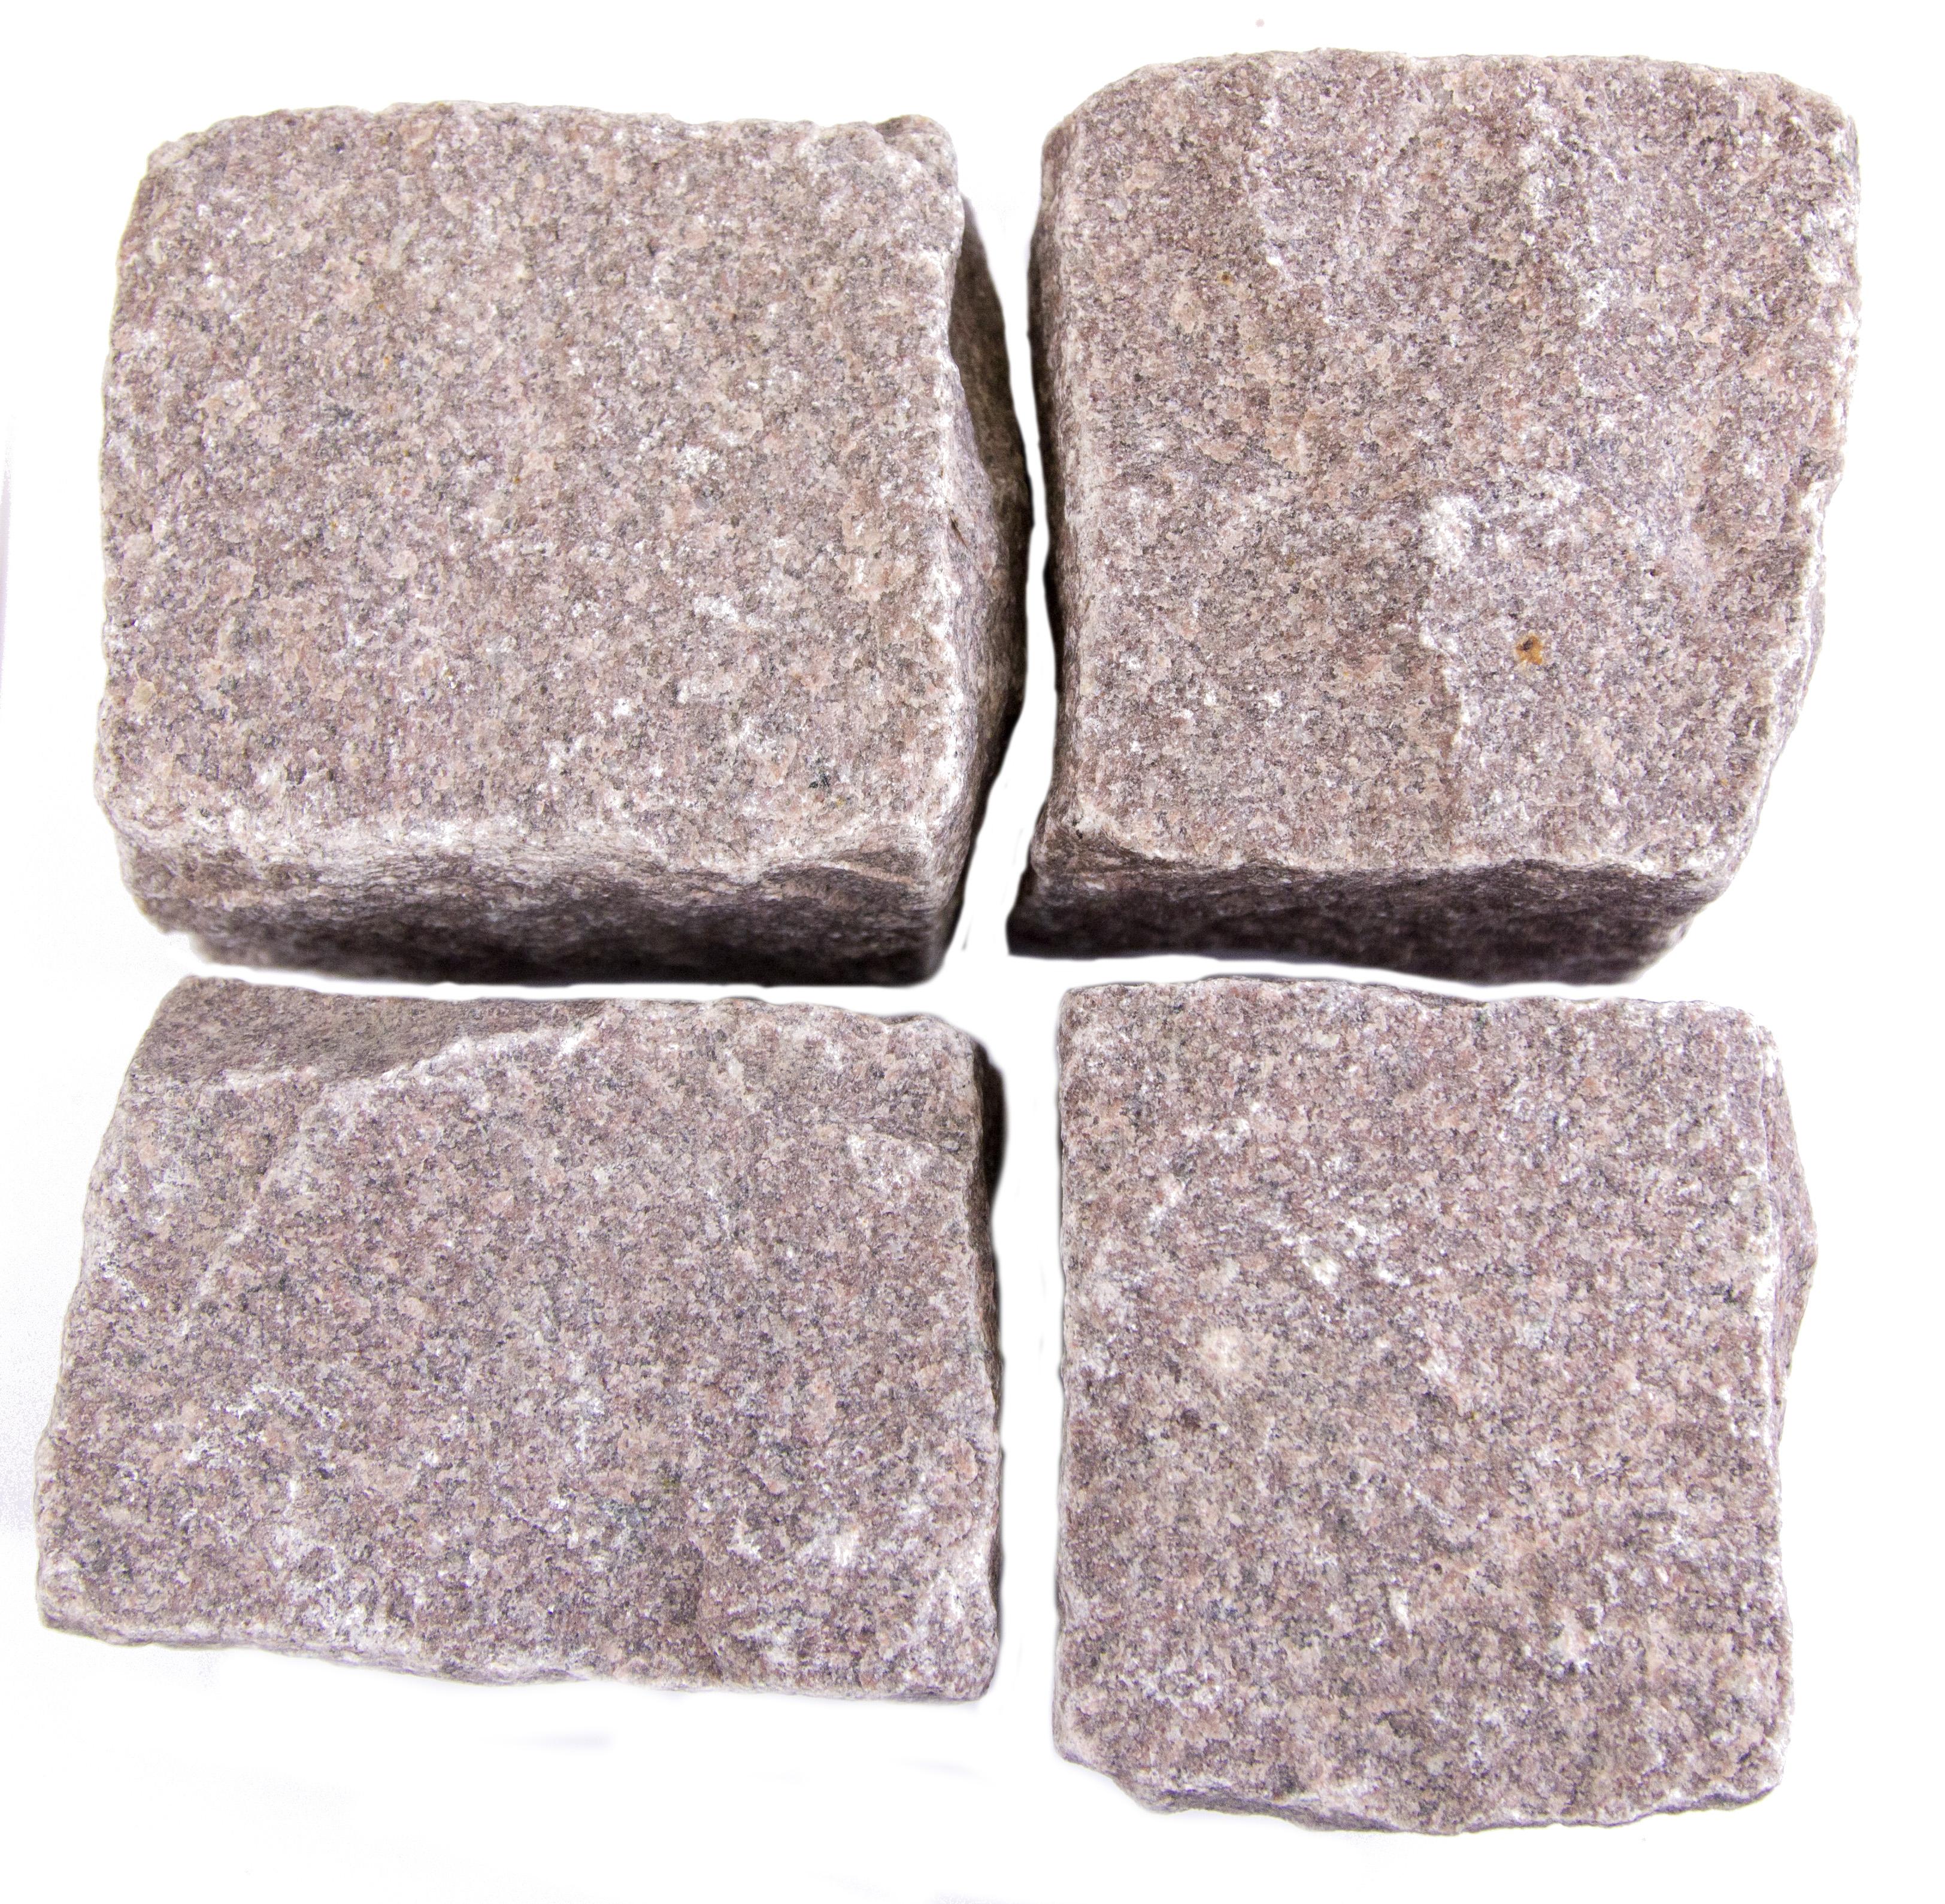 granitpflaster_rot